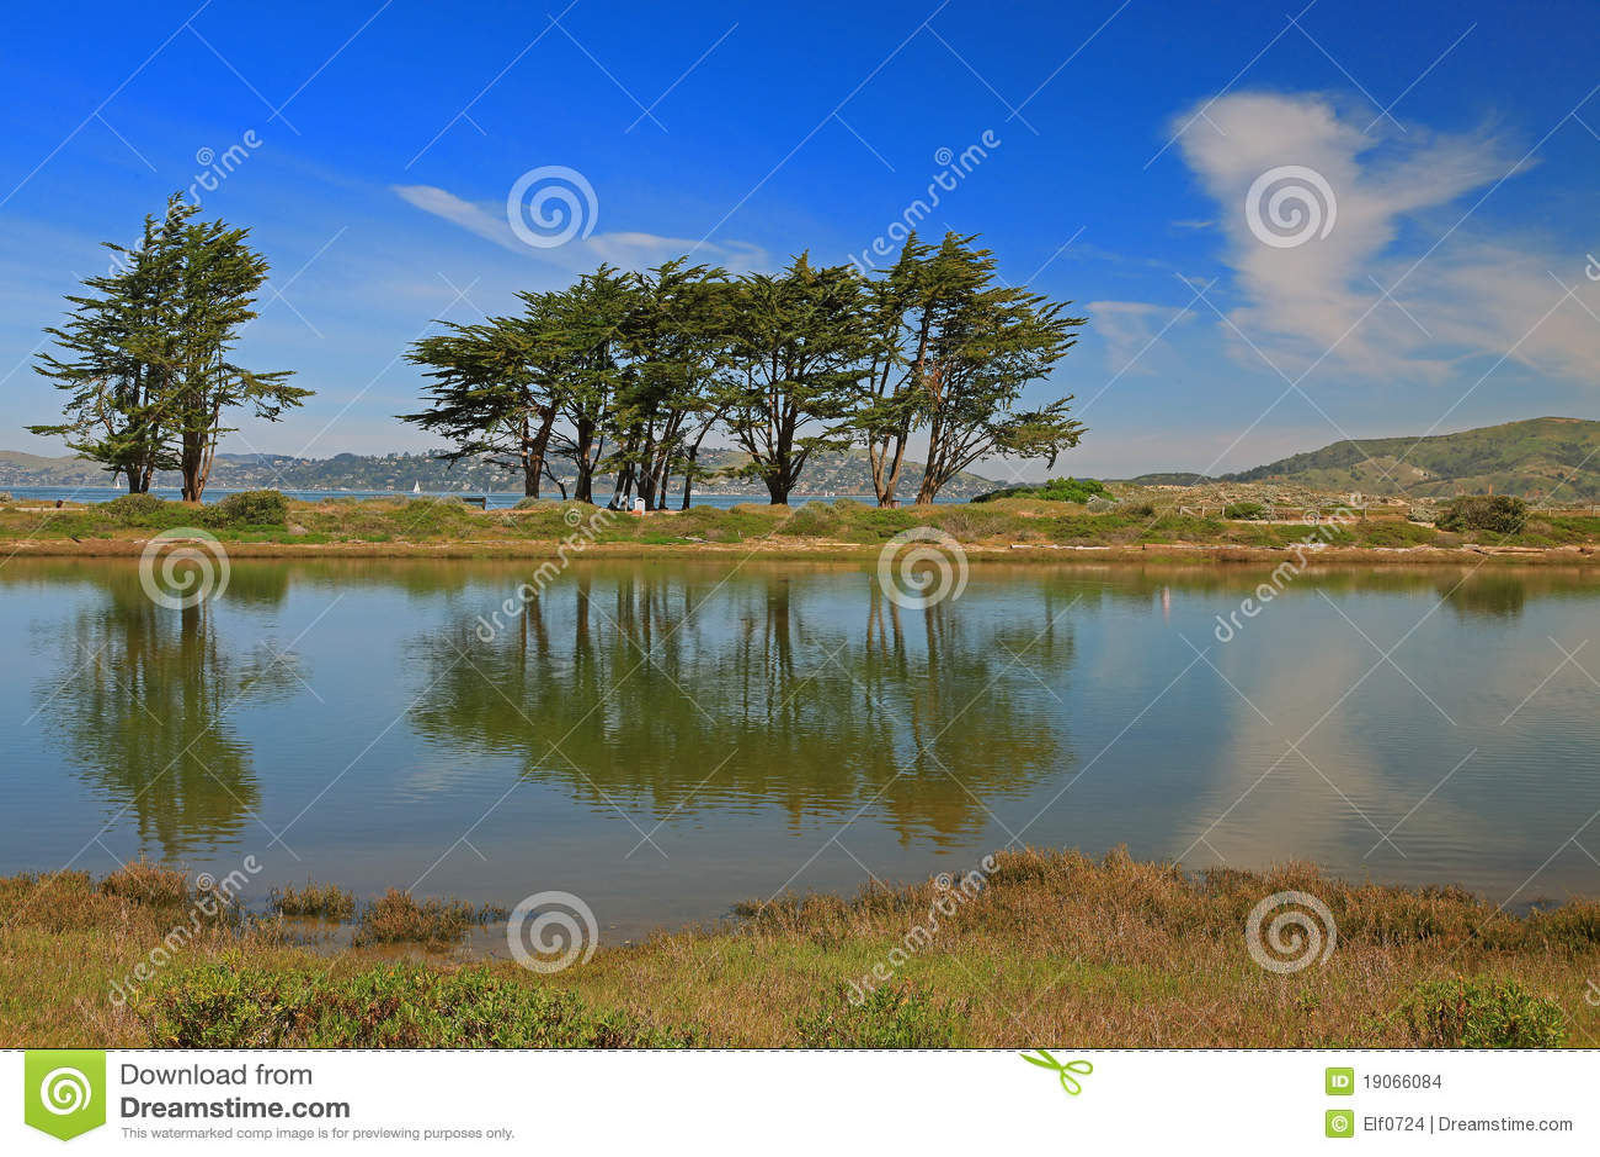 Landscape in san francisco california stock images for San francisco landscape